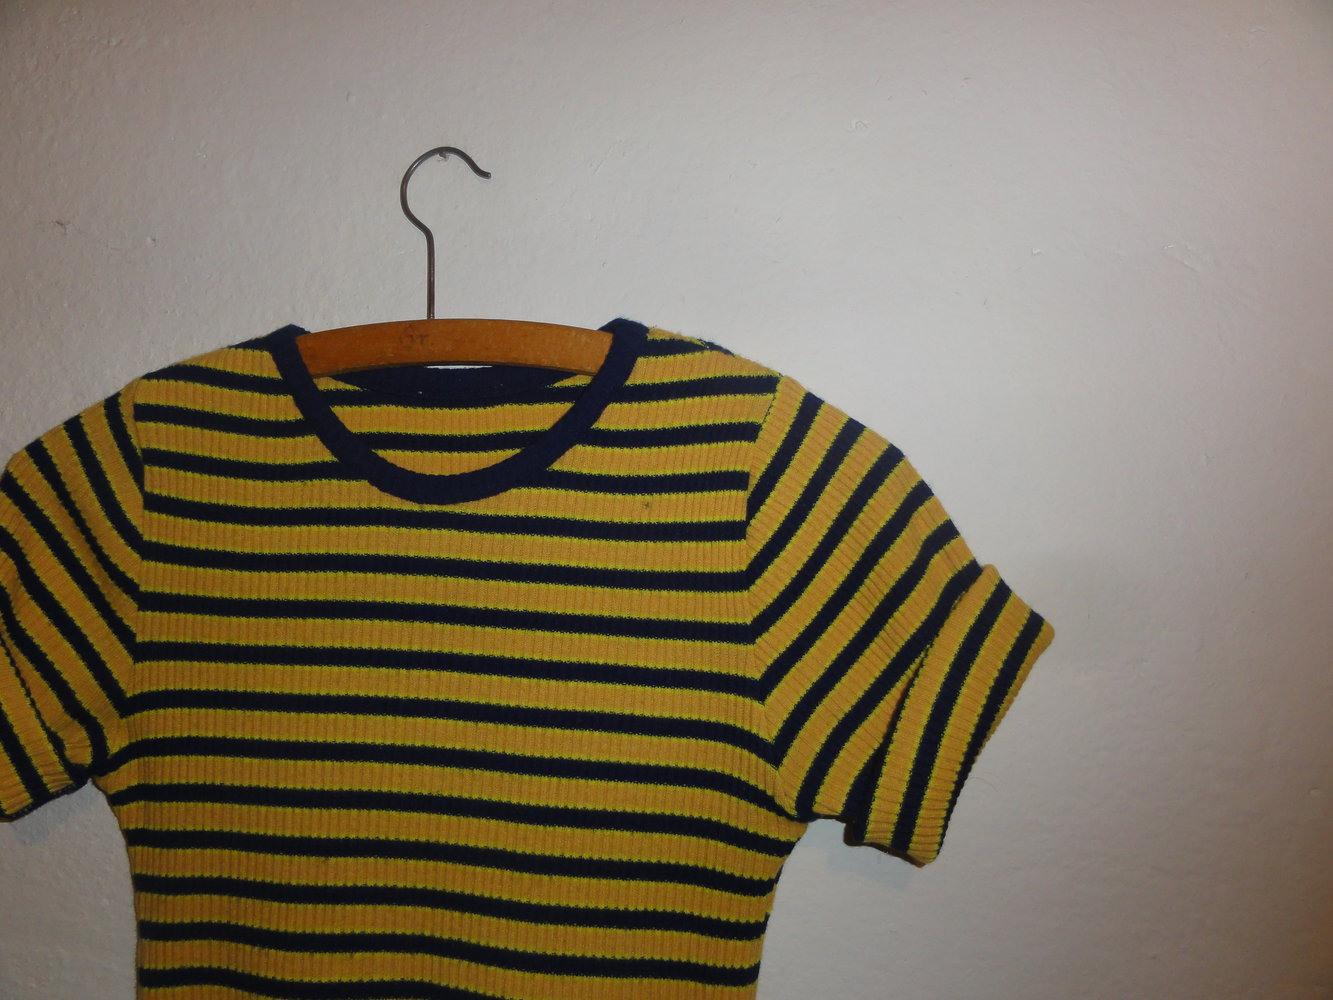 20 Einzigartig Kleid Schwarz Gelb Gestreift Design20 Genial Kleid Schwarz Gelb Gestreift Ärmel